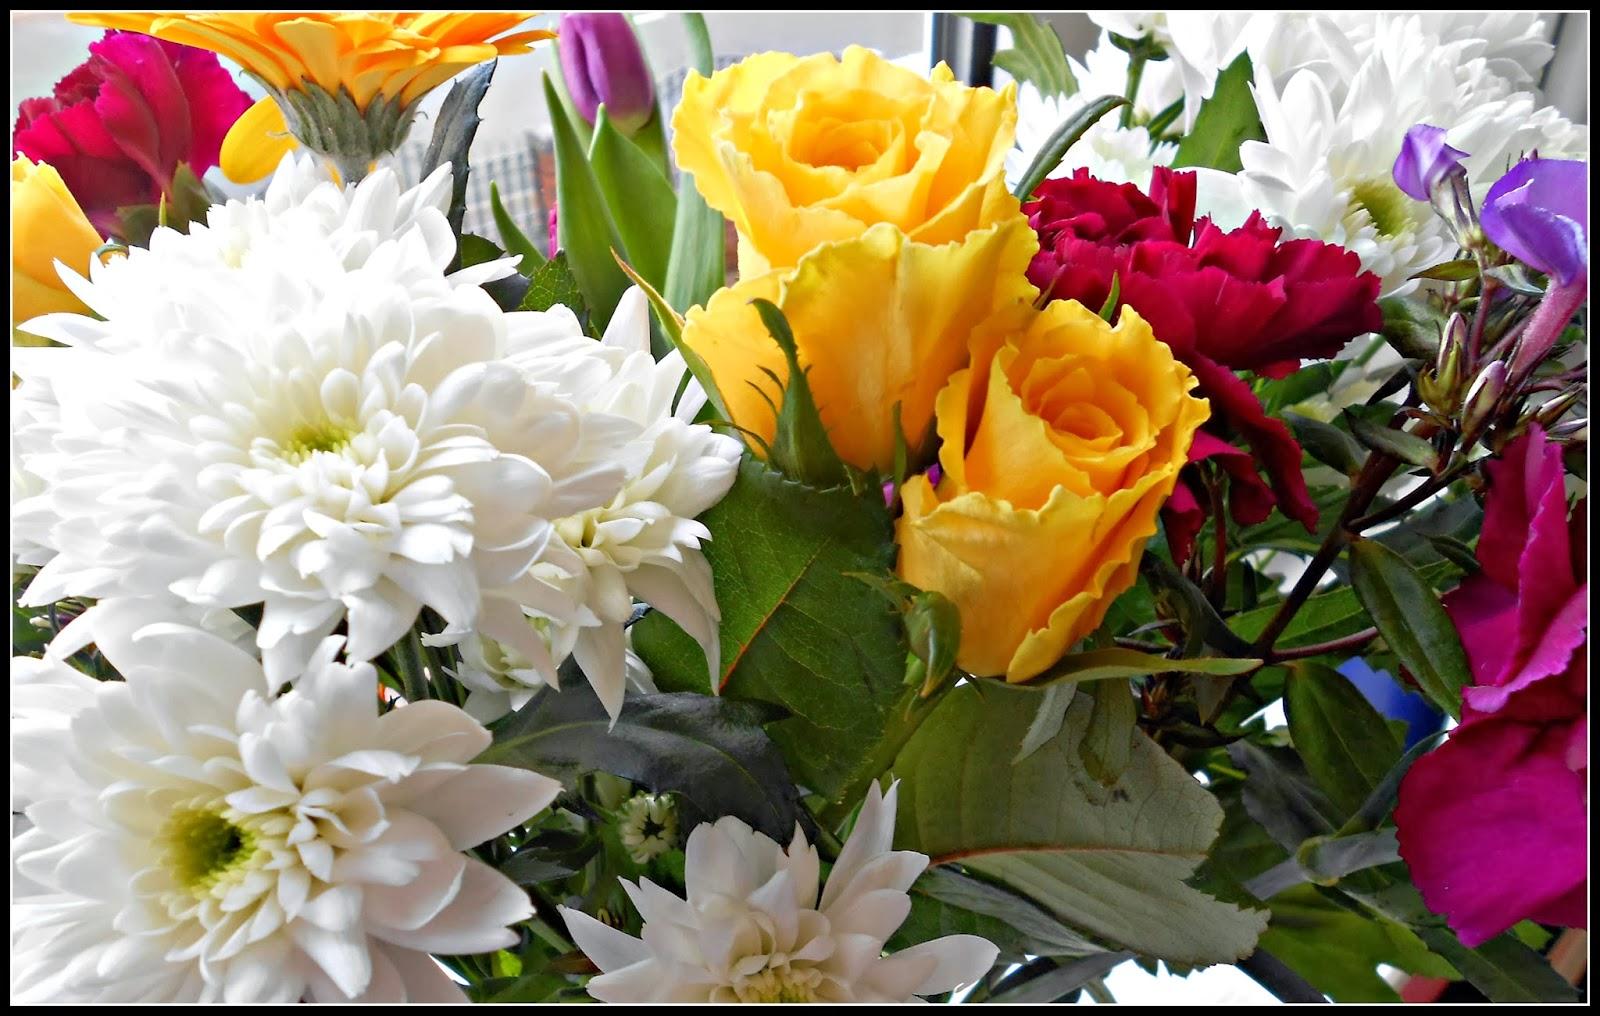 Flowers in Bouquet